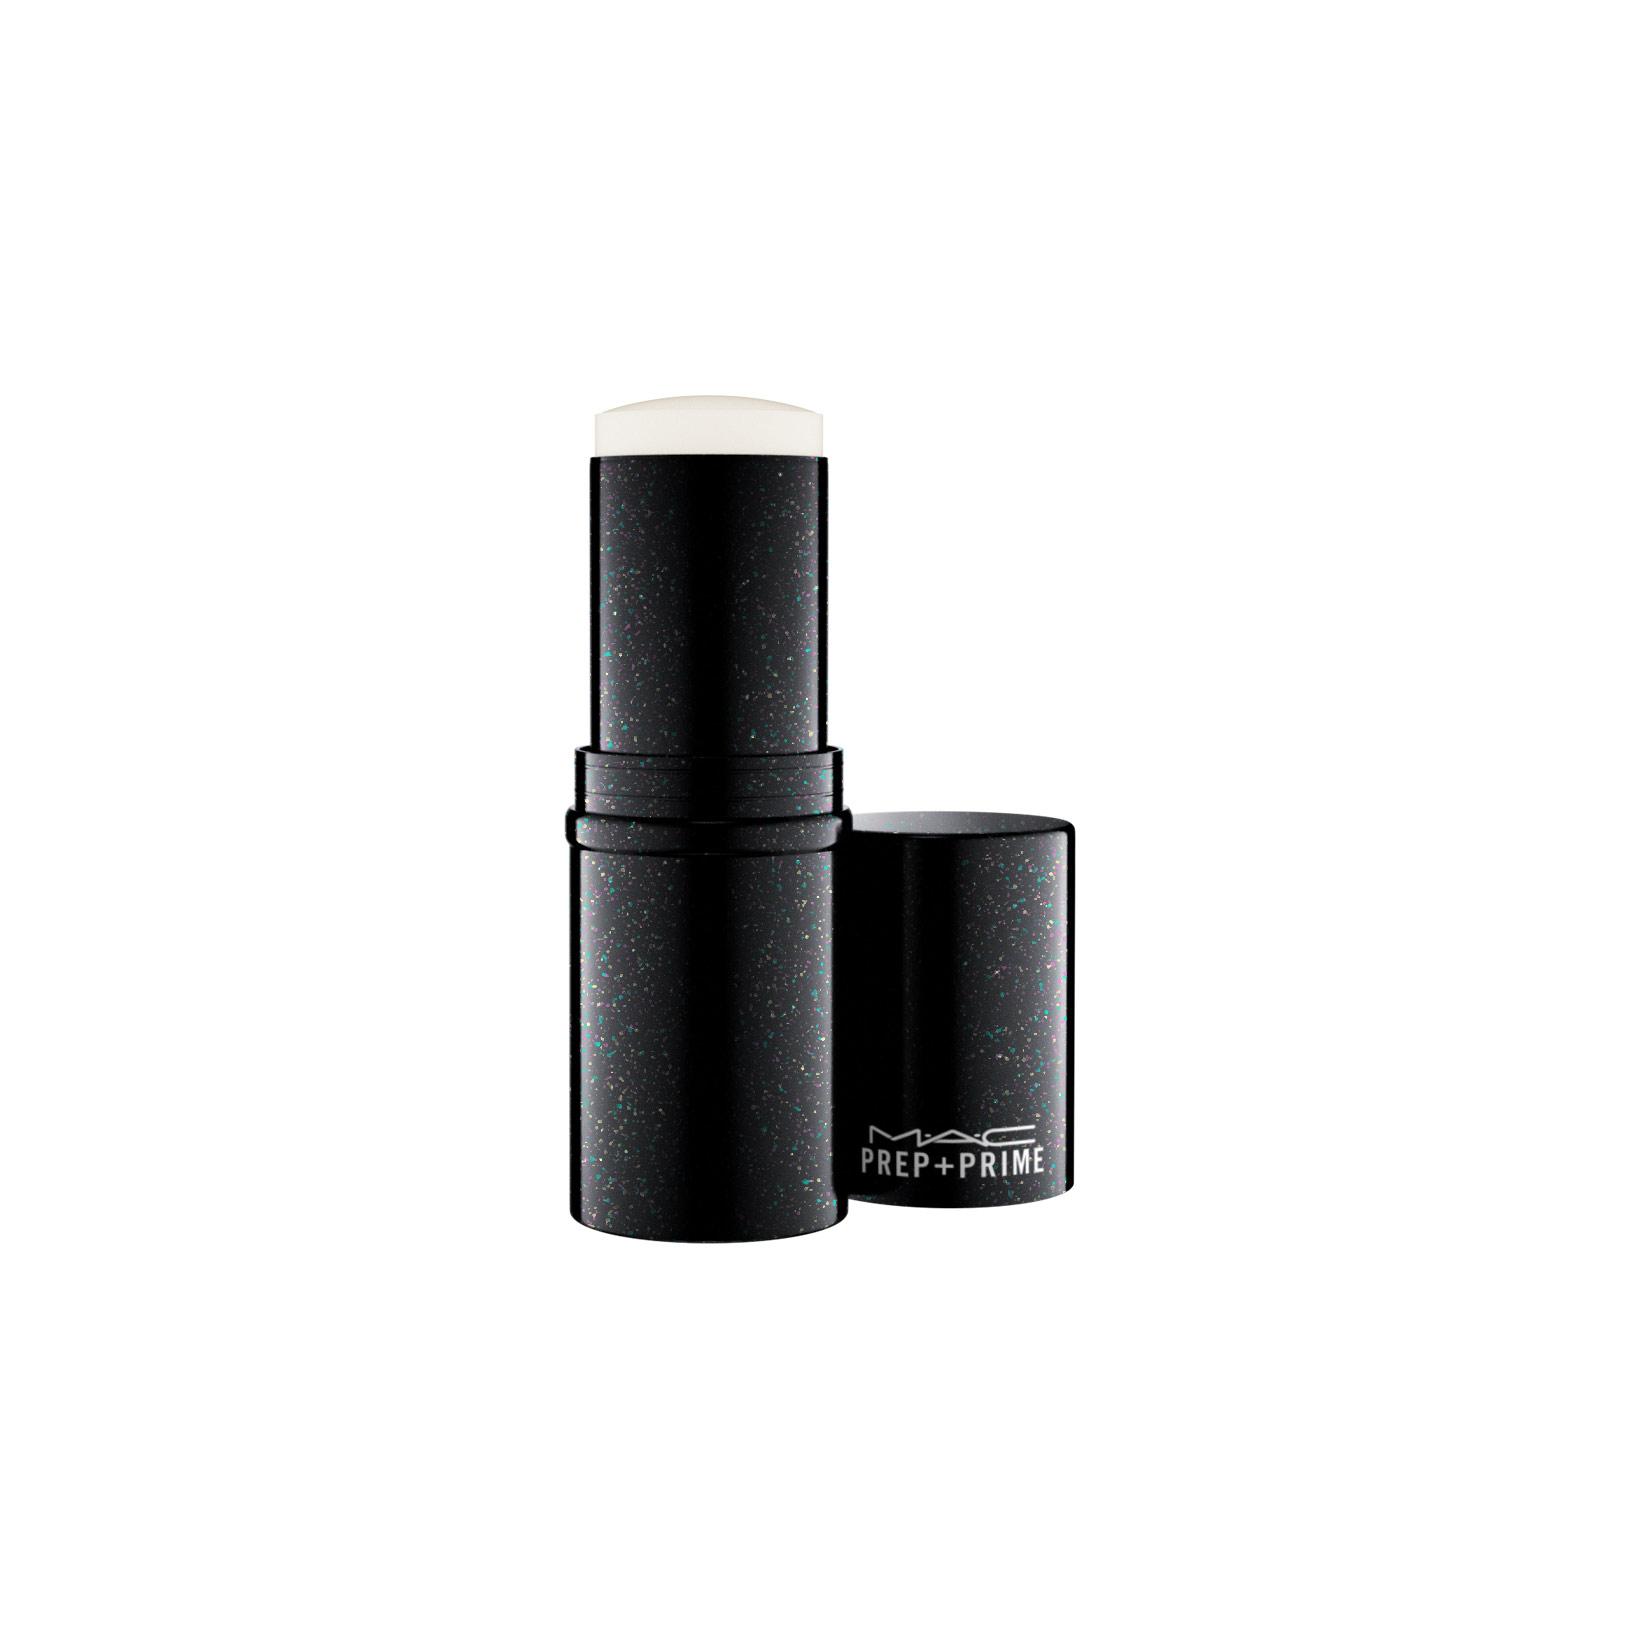 Prep + Prime Pore Refiner Stick 7g